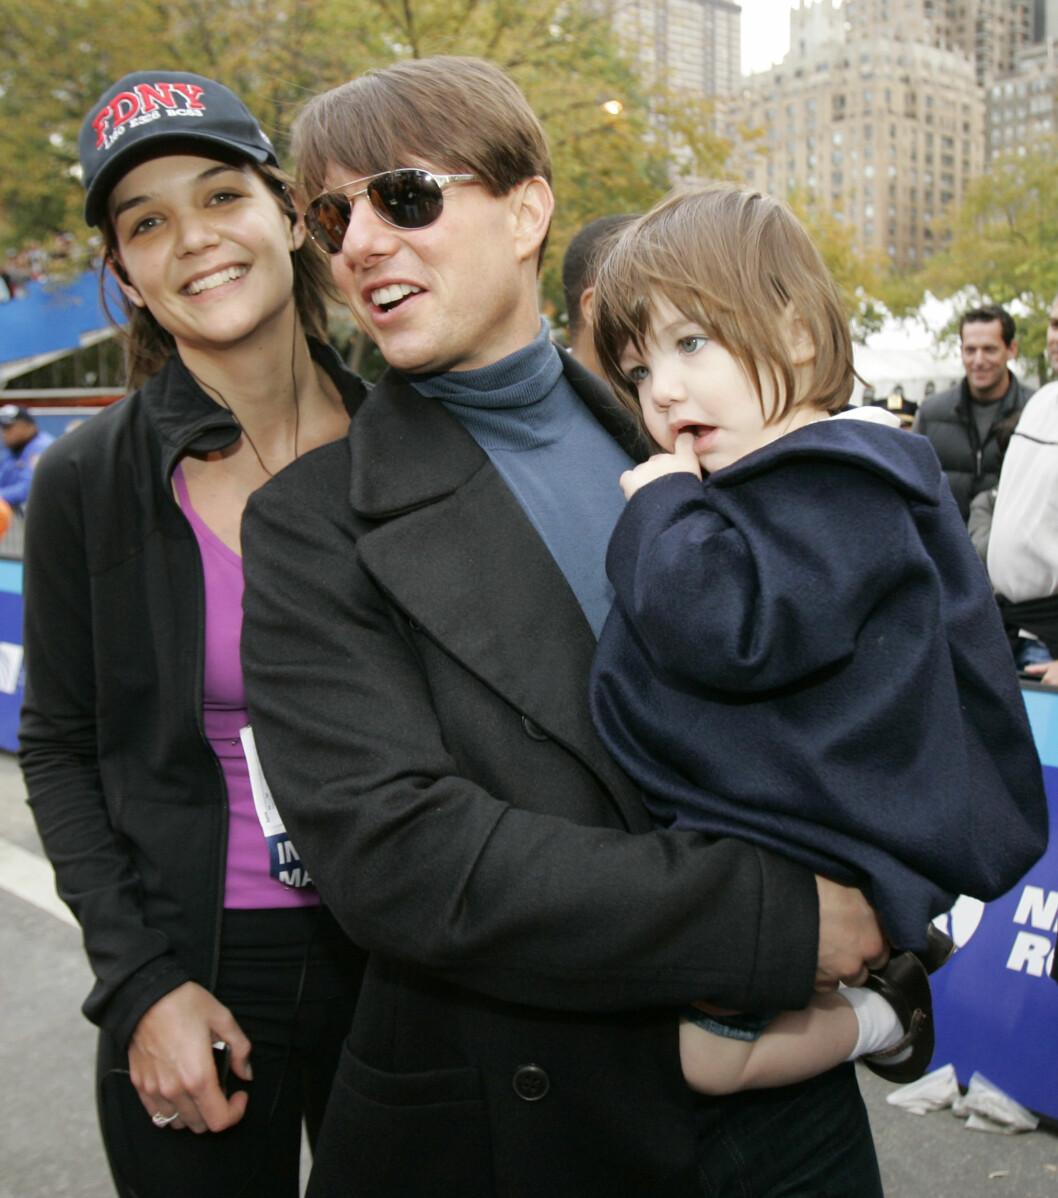 <strong>SER IKKE DATTEREN:</strong> Skuespilleren skal ikke ha sett datteren Suri på tre år. Her er de tre fotografert i 2007.  Foto: Ap